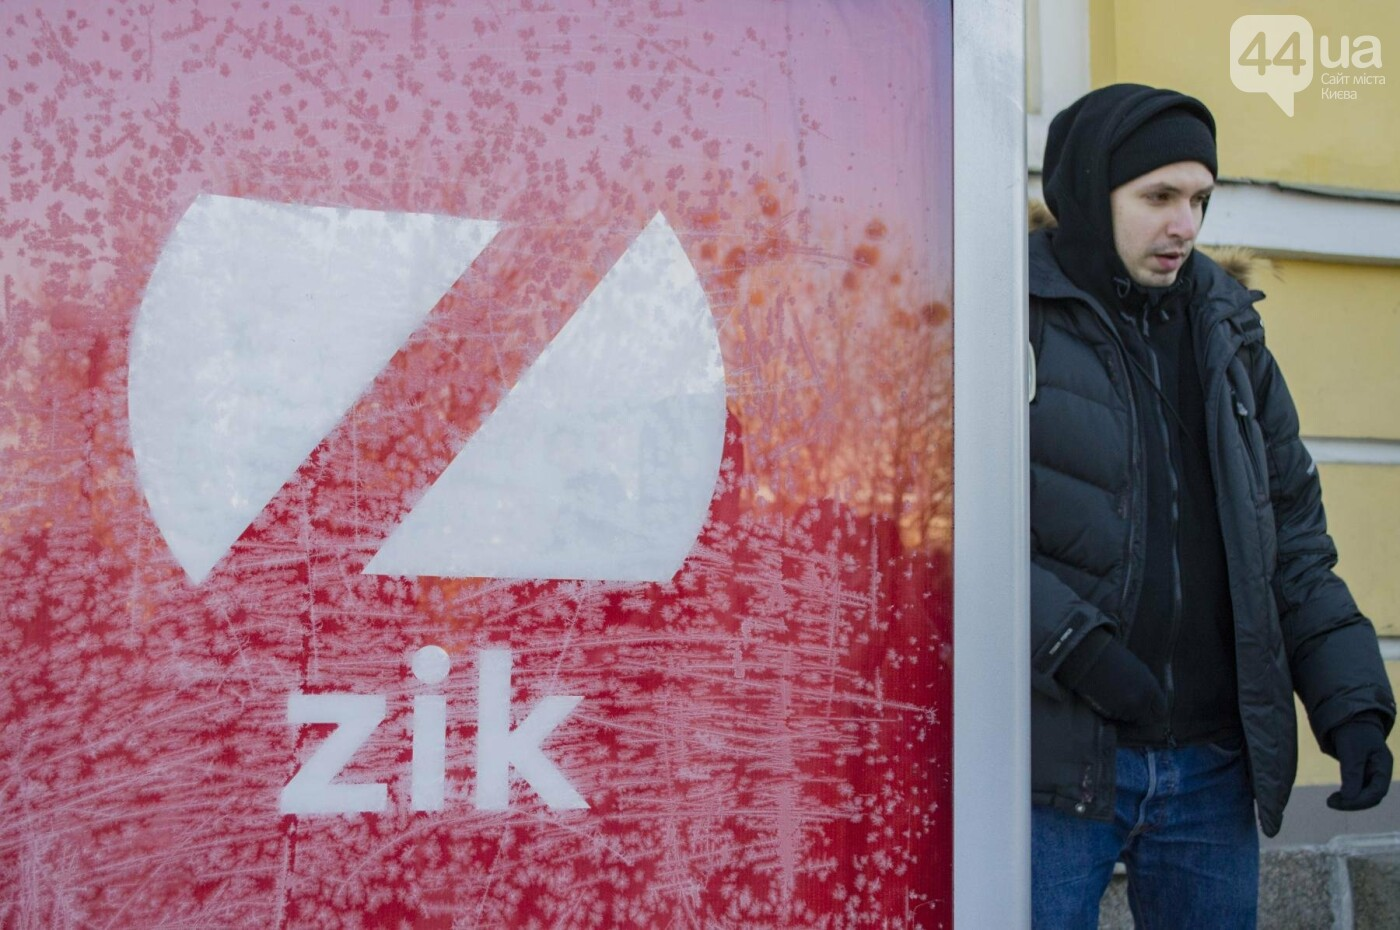 В Киеве прошла акция с требованием уволить ведущую и закрыть телеканал (ФОТО), фото-8